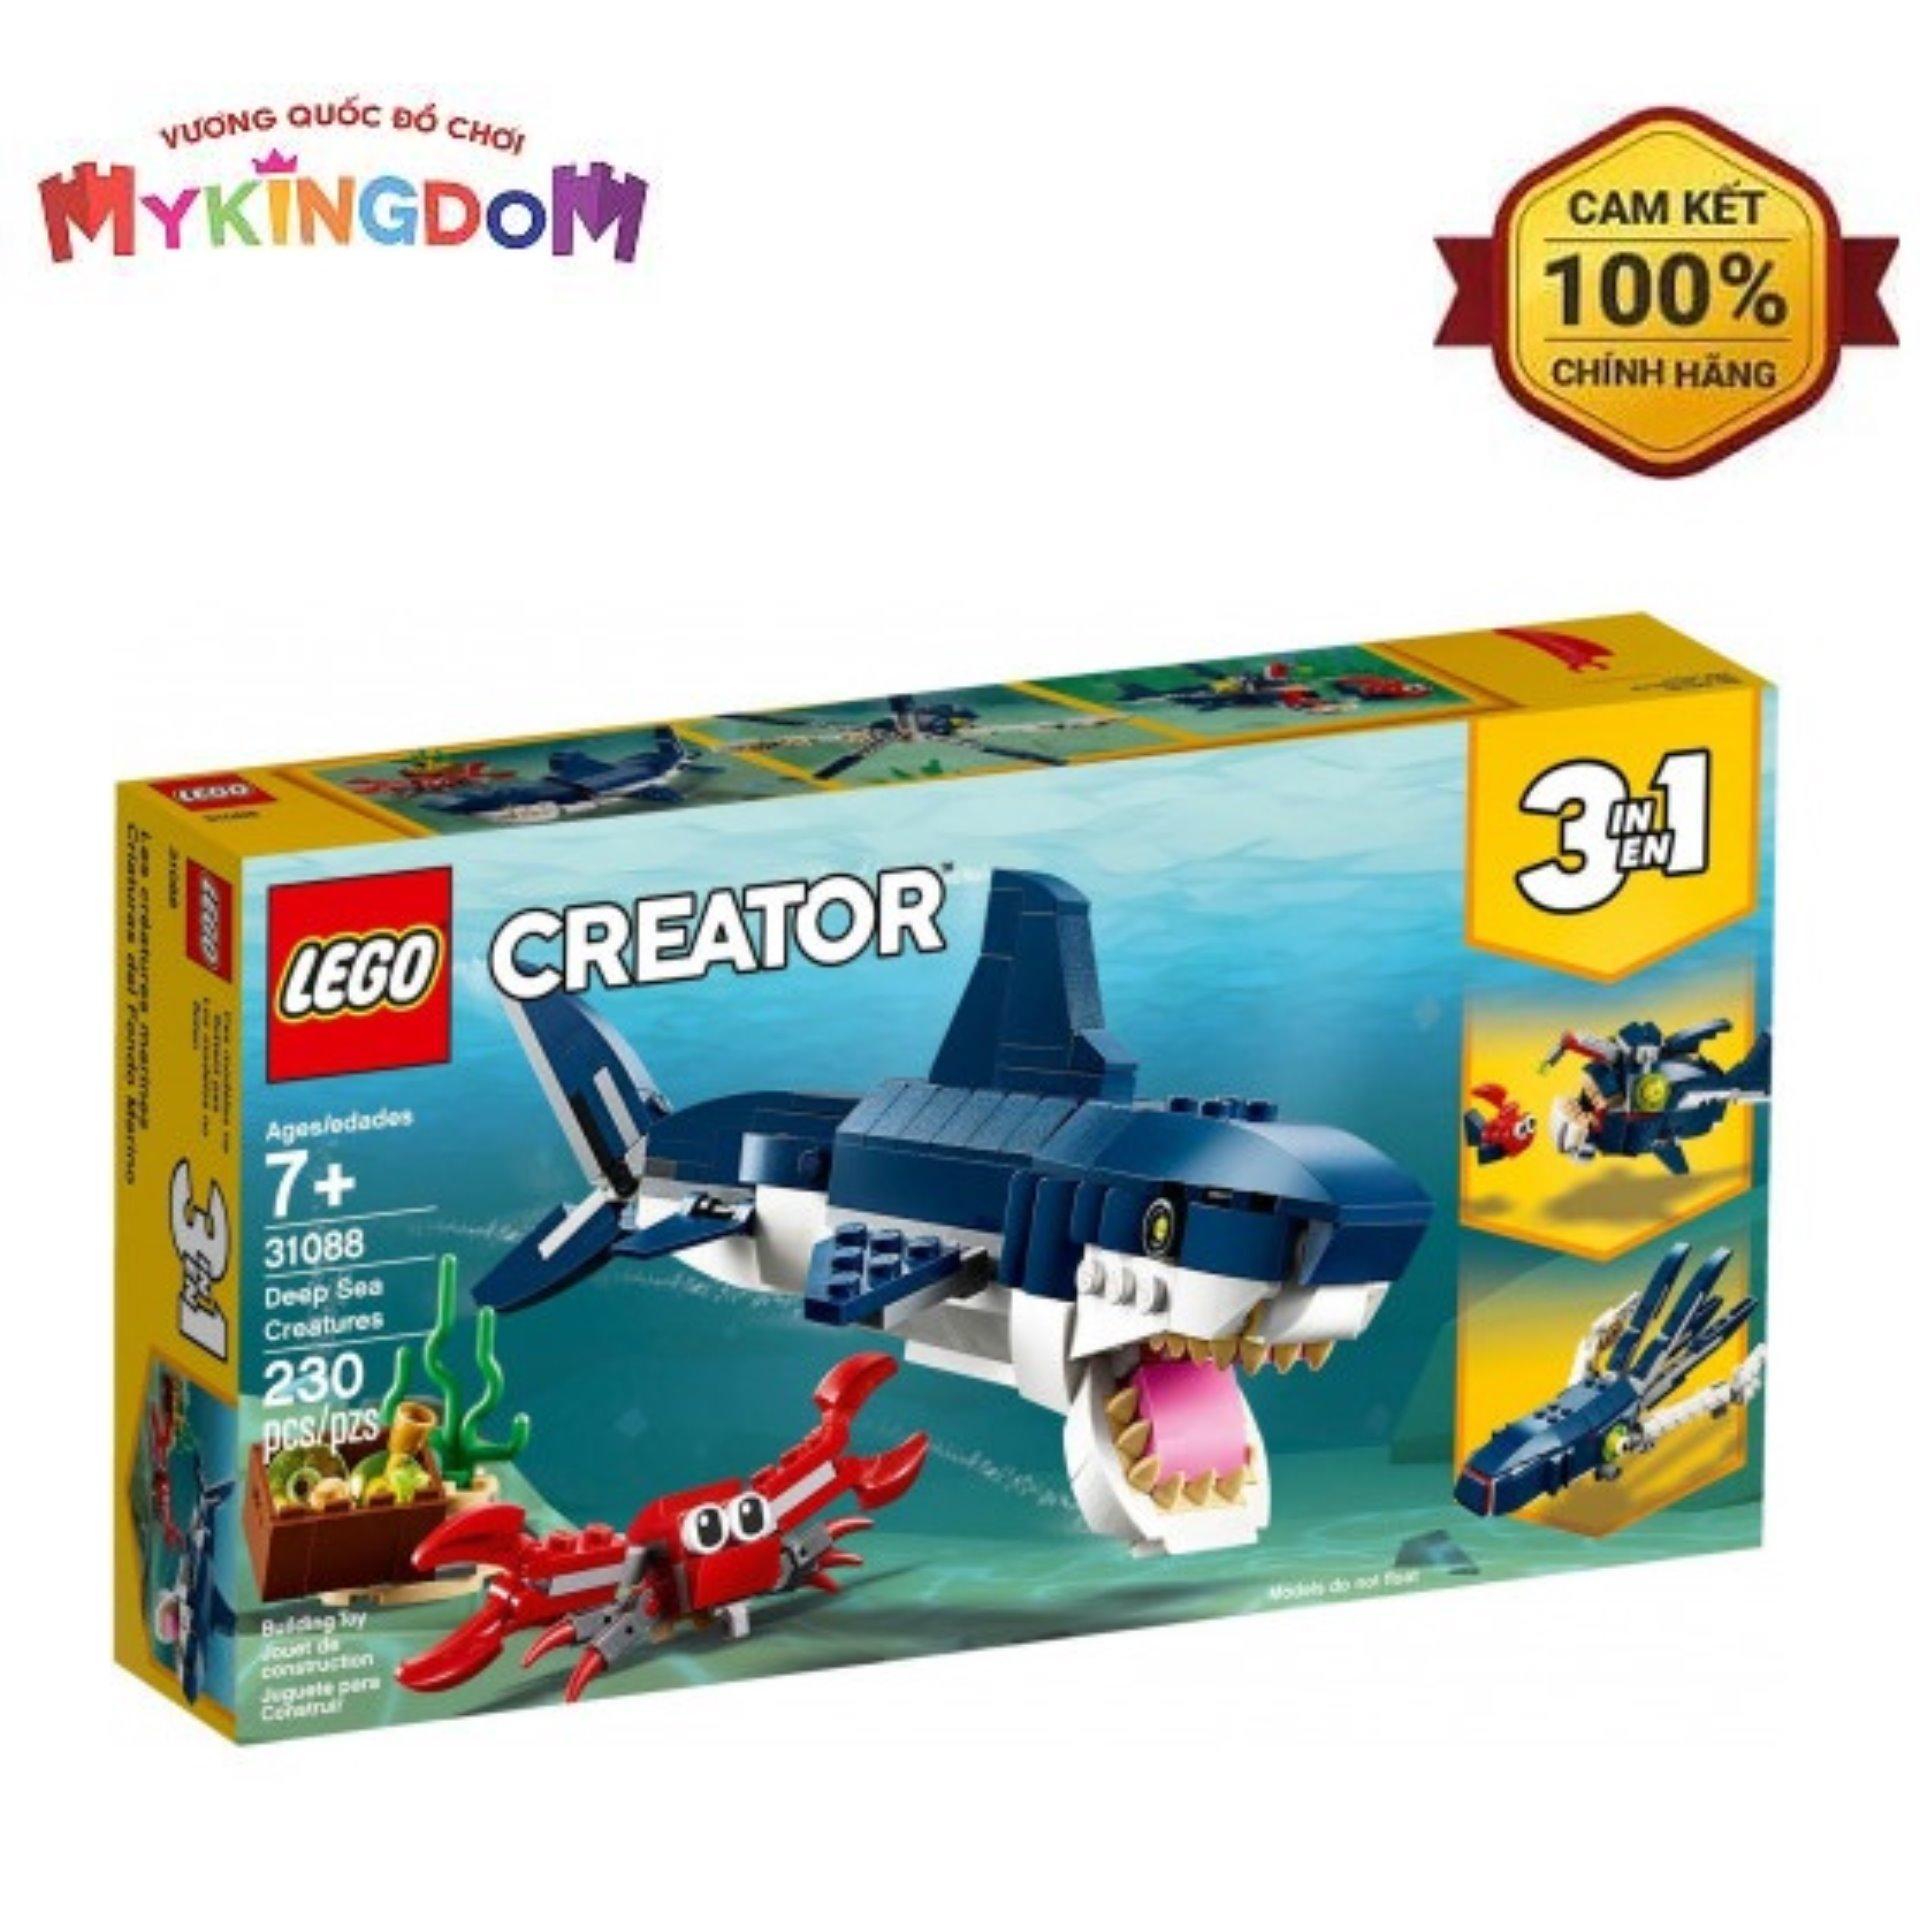 Tiết Kiệm Cực Đã Khi Mua Đồ Chơi Lắp Ráp LEGO Sinh Vật Biển Sâu 31088